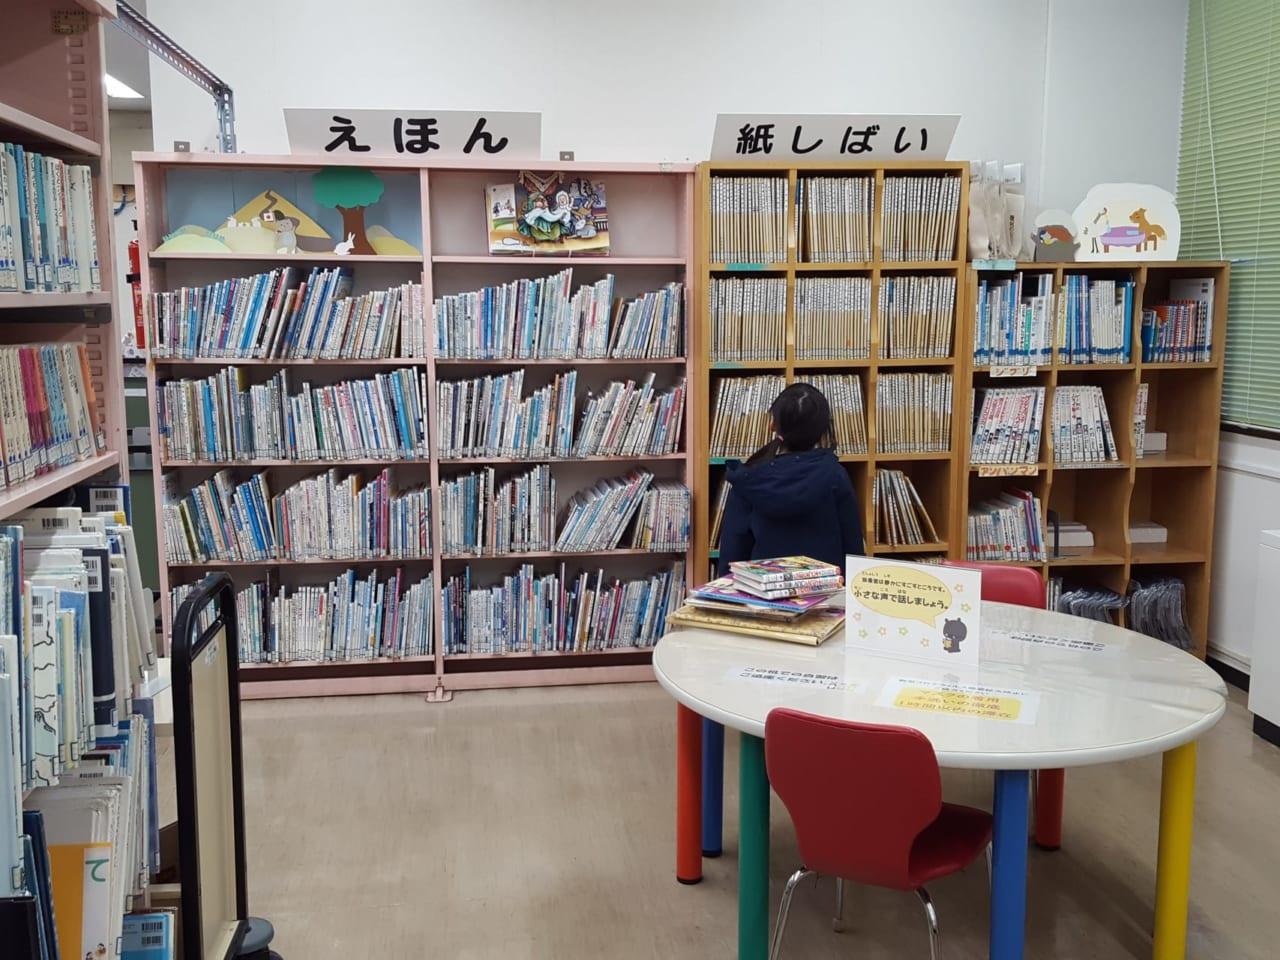 北区民センターの図書室